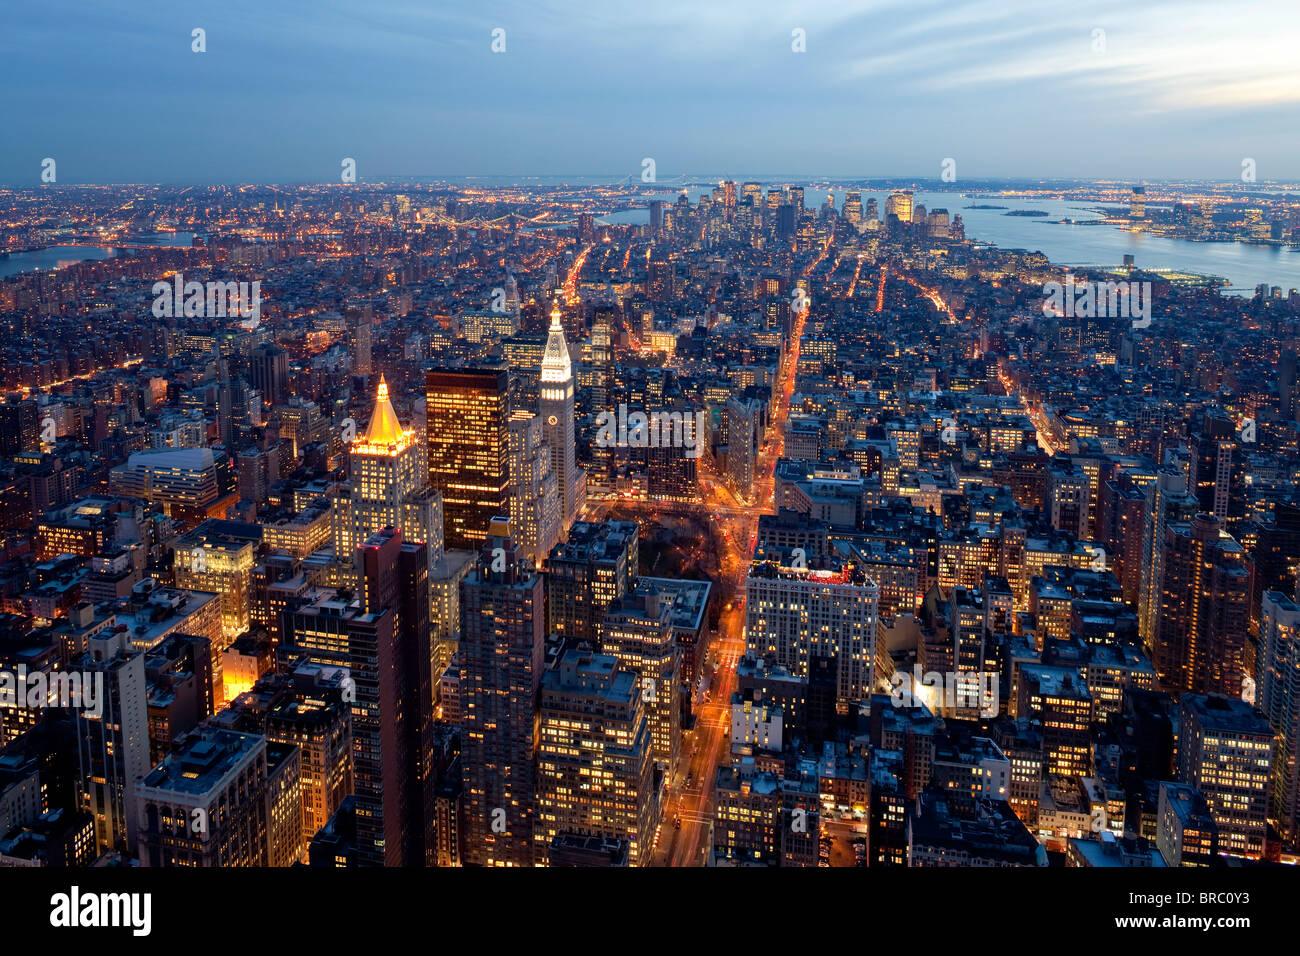 Vista elevada de Mid-town Manhattan al anochecer, la ciudad de Nueva York, Nueva York, EE.UU. Imagen De Stock